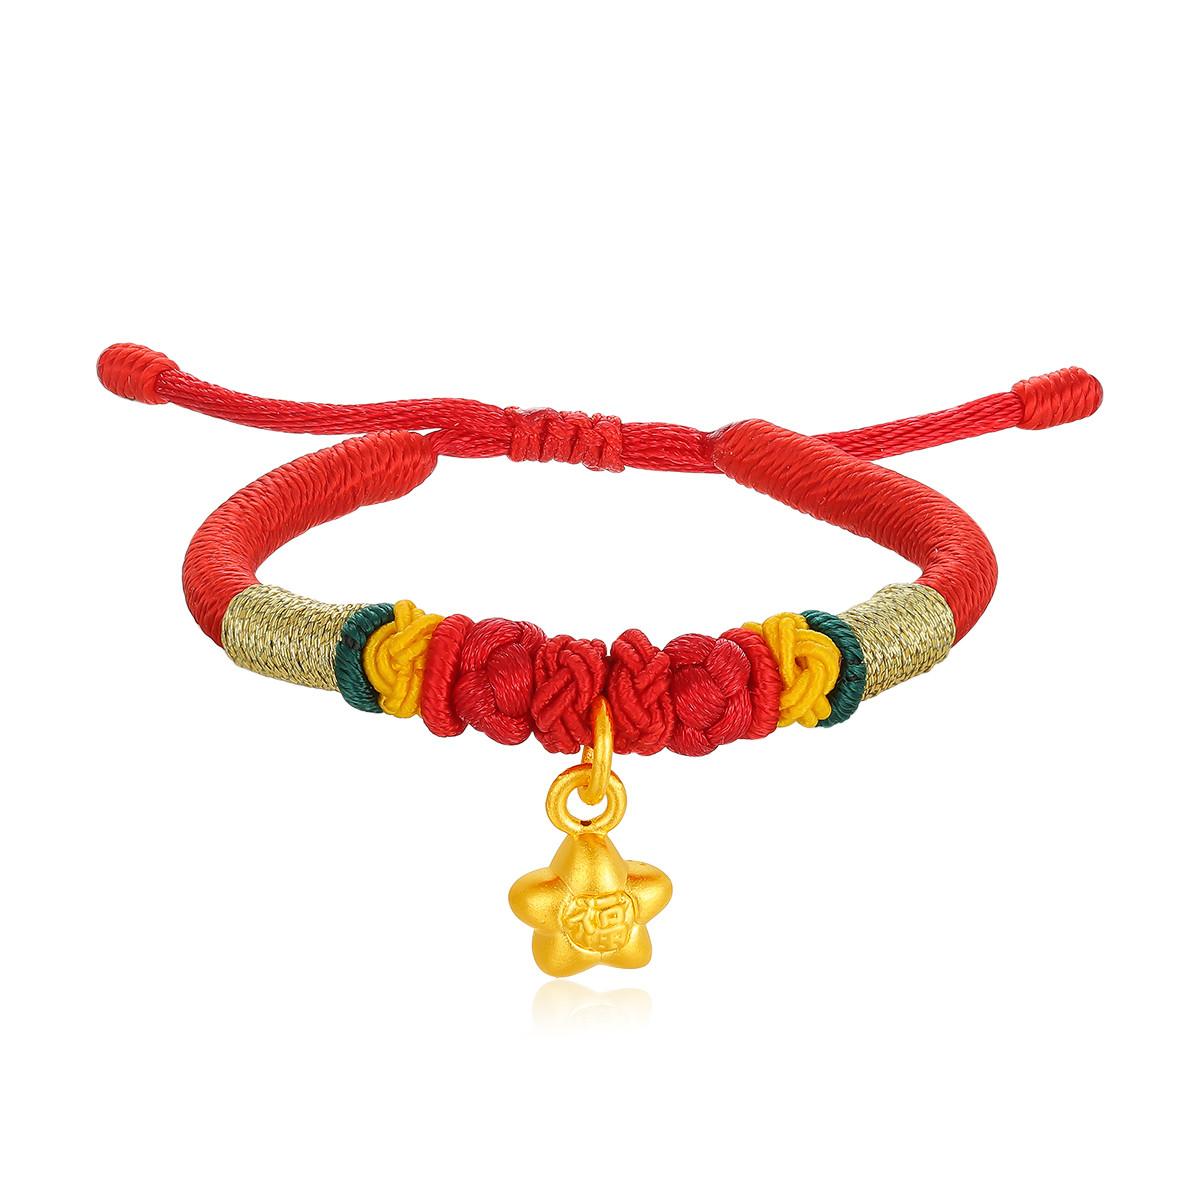 梦金园3D硬金儿童宝宝黄金转运珠红色编织手链手绳/定价/周岁礼物DT0018